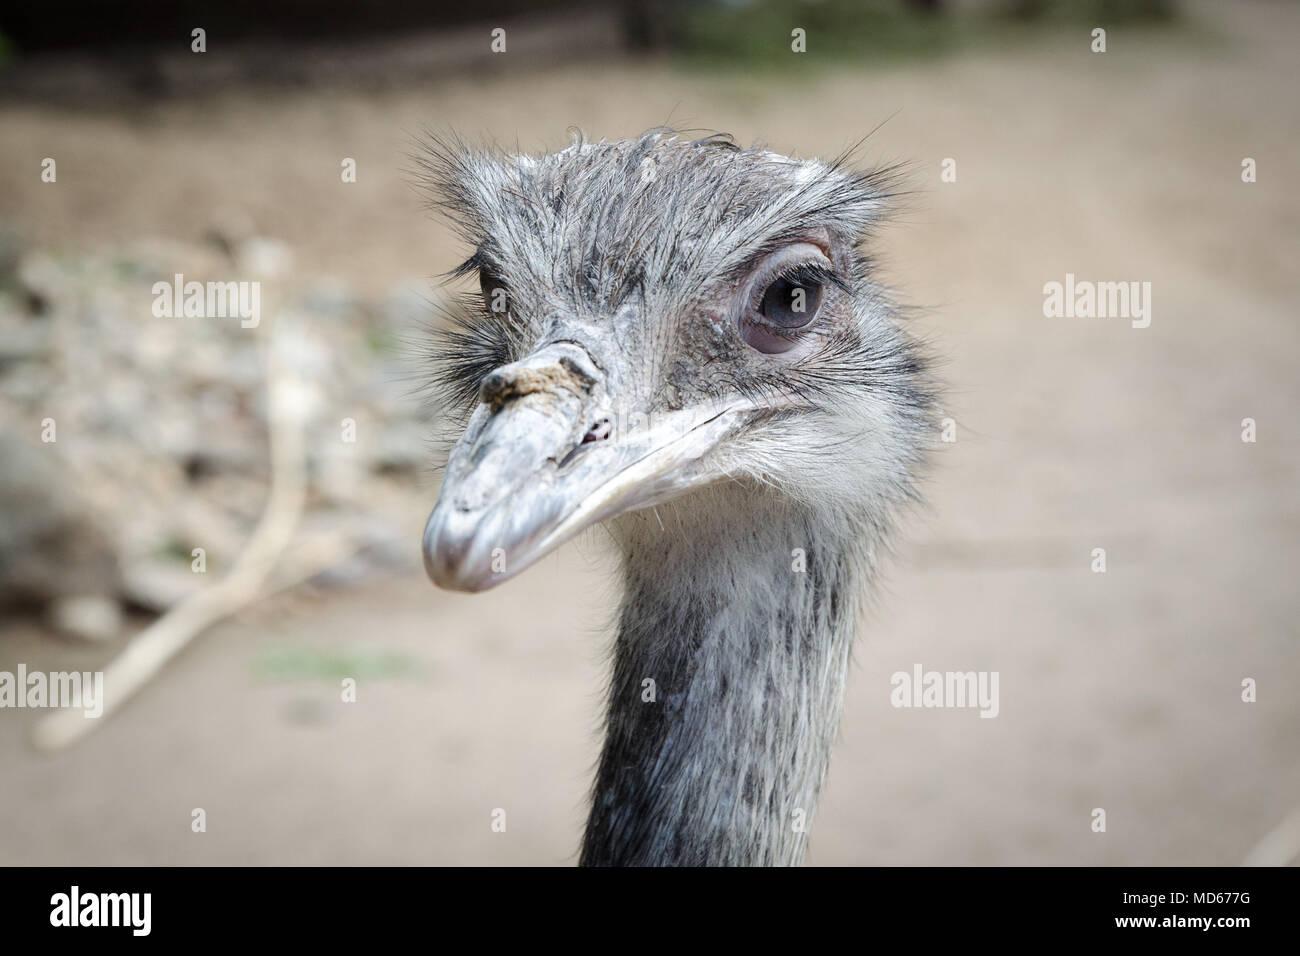 El avestruz mirando en la cámara Imagen De Stock